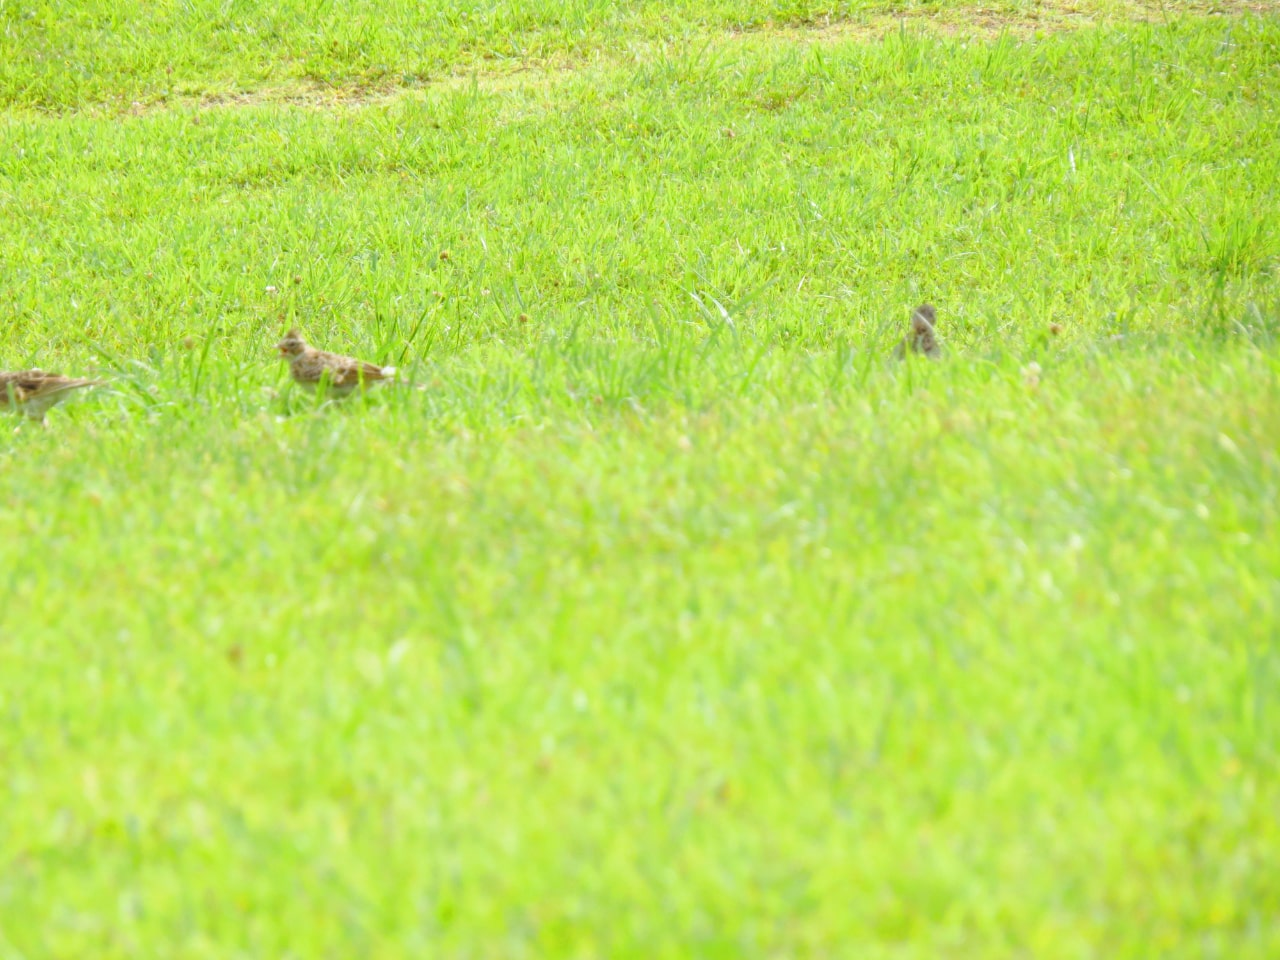 夏の公園にいたヒバリ3羽